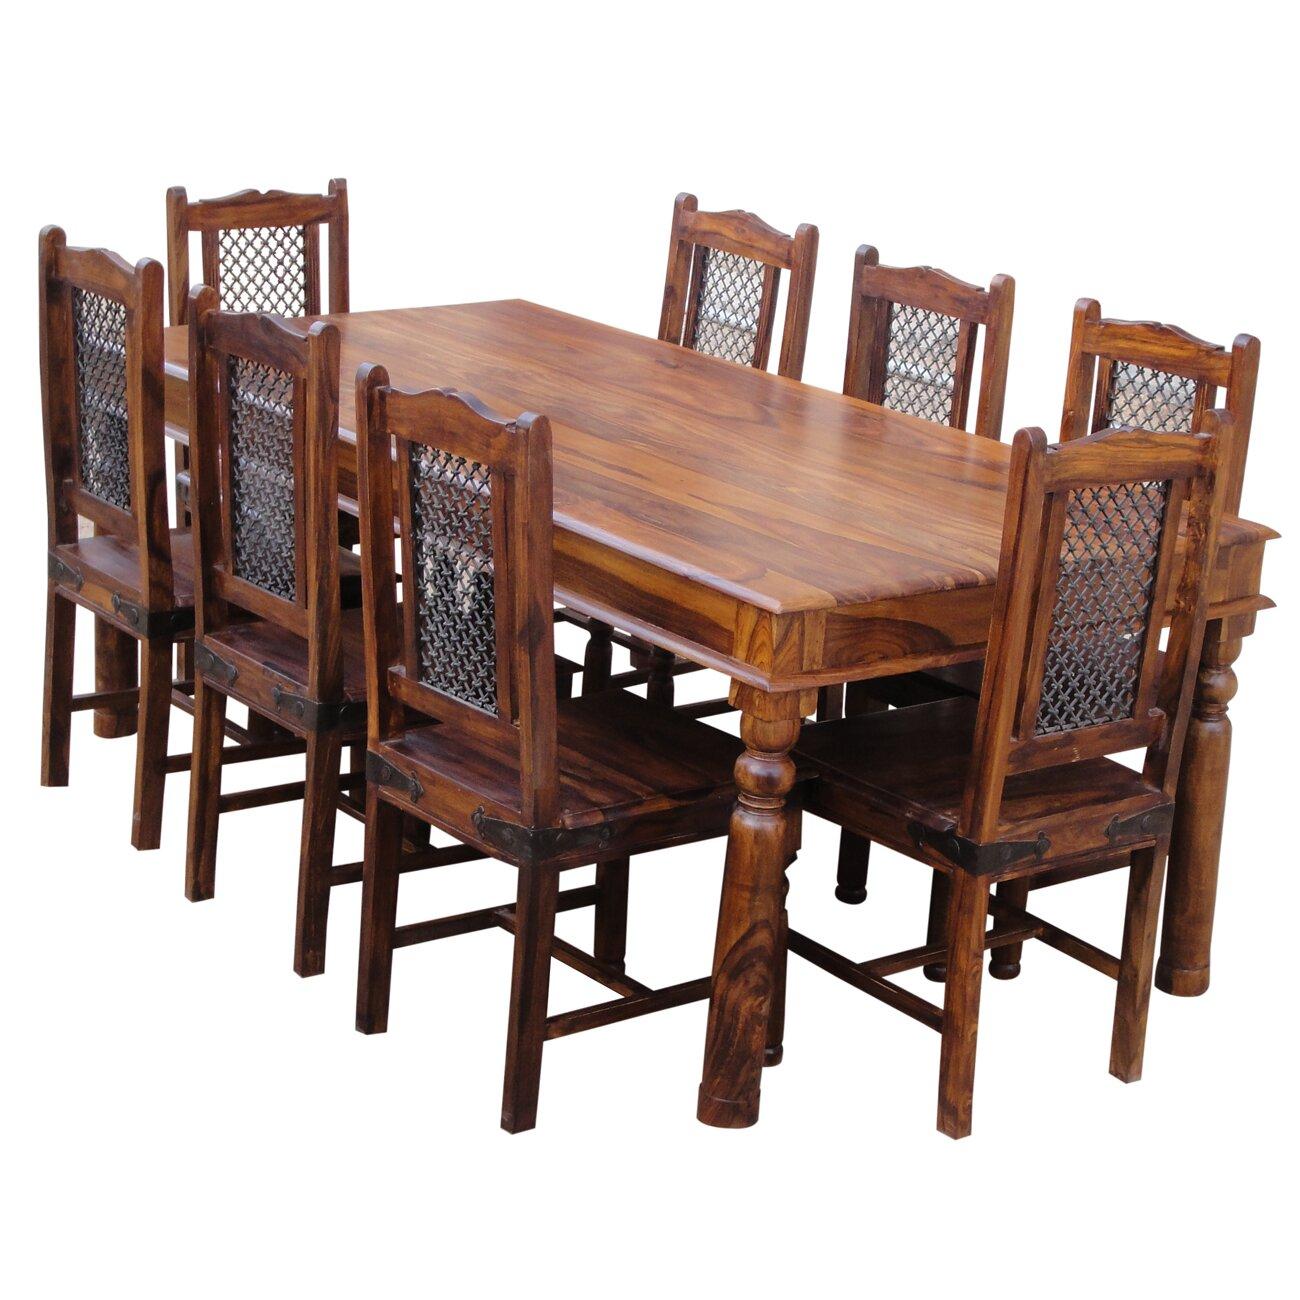 Large Oak Dining Table Seats 10 Luxury Large Round Black Oak Dining Table 8 Amazing Thick Back